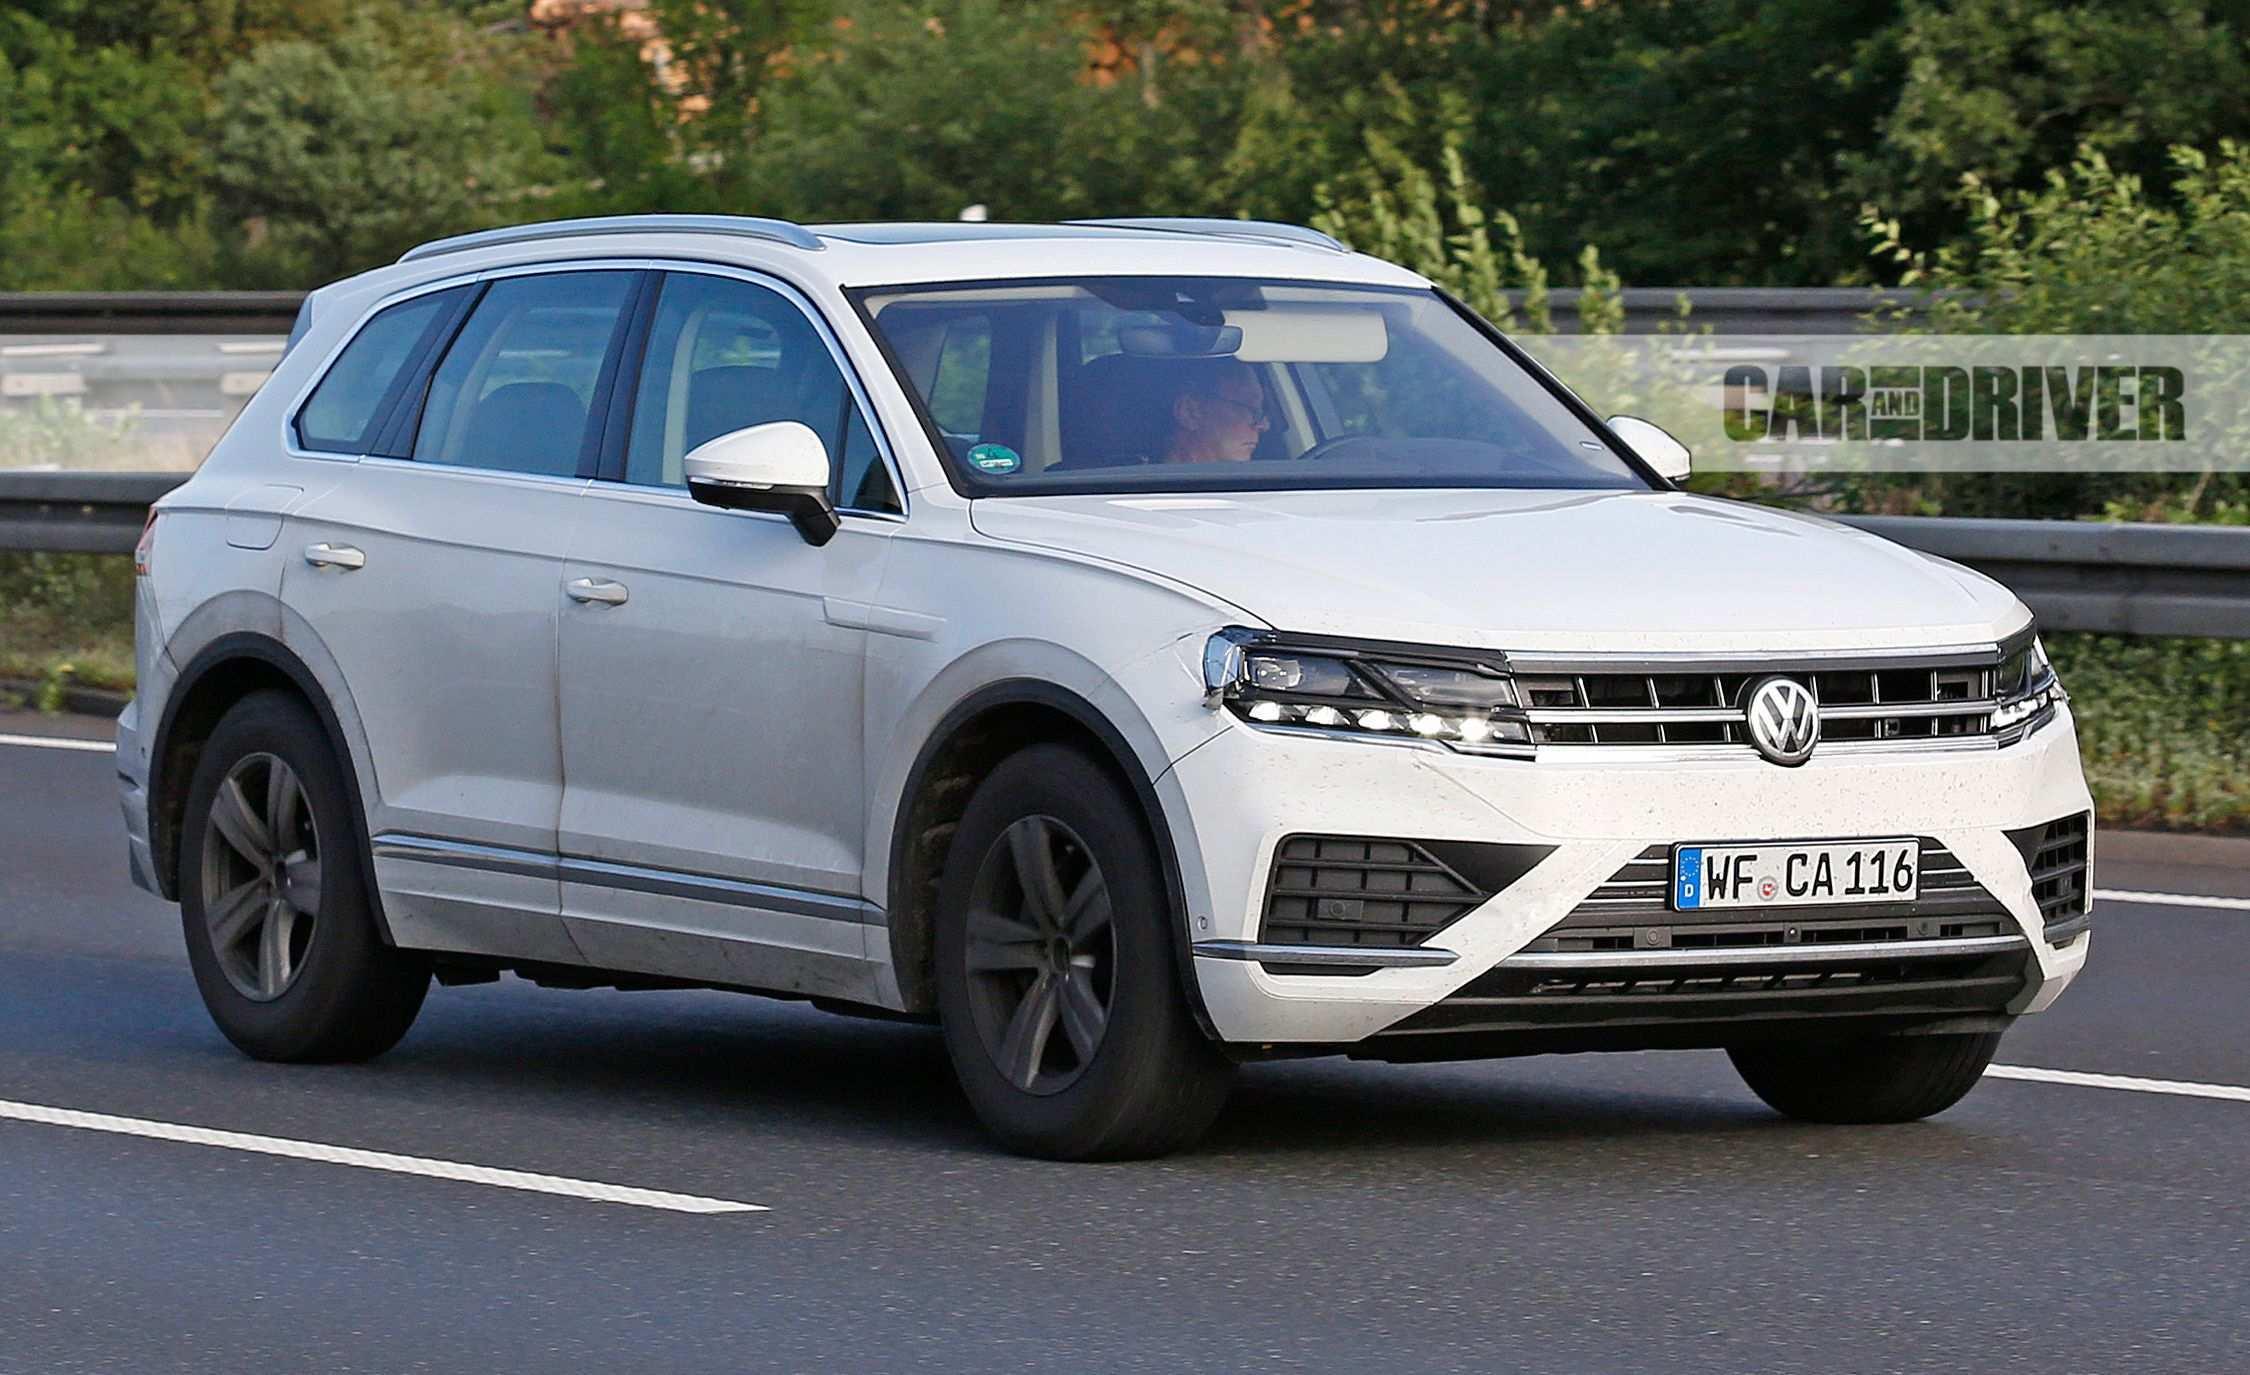 62 The VW Touareg 2020 Usa Redesign for VW Touareg 2020 Usa